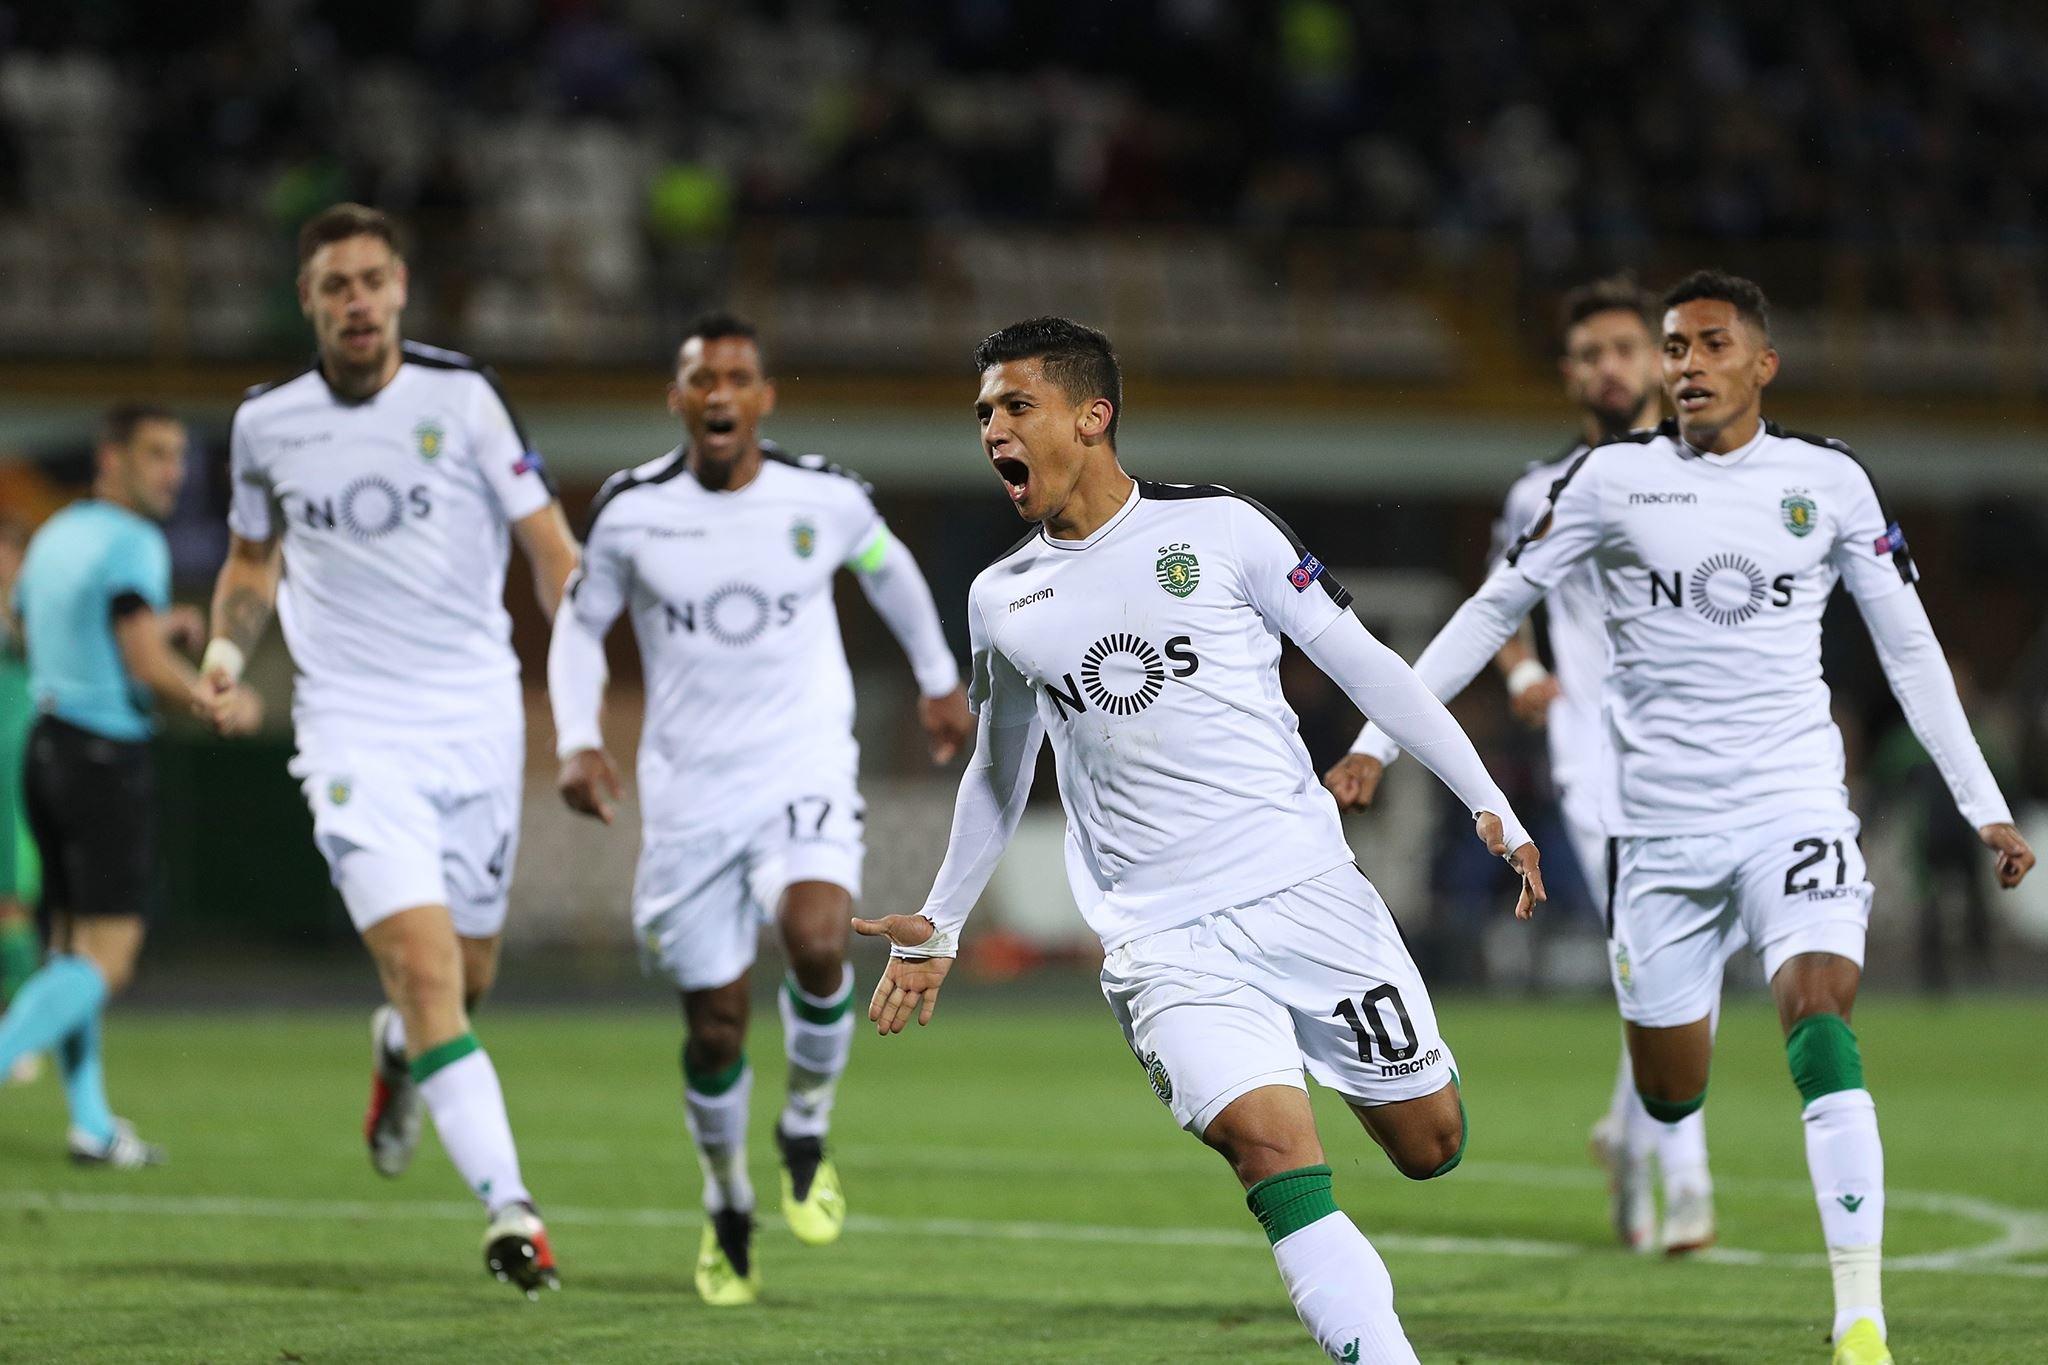 Прогноз на матч Пескара - Фиорентина 08 января 2017